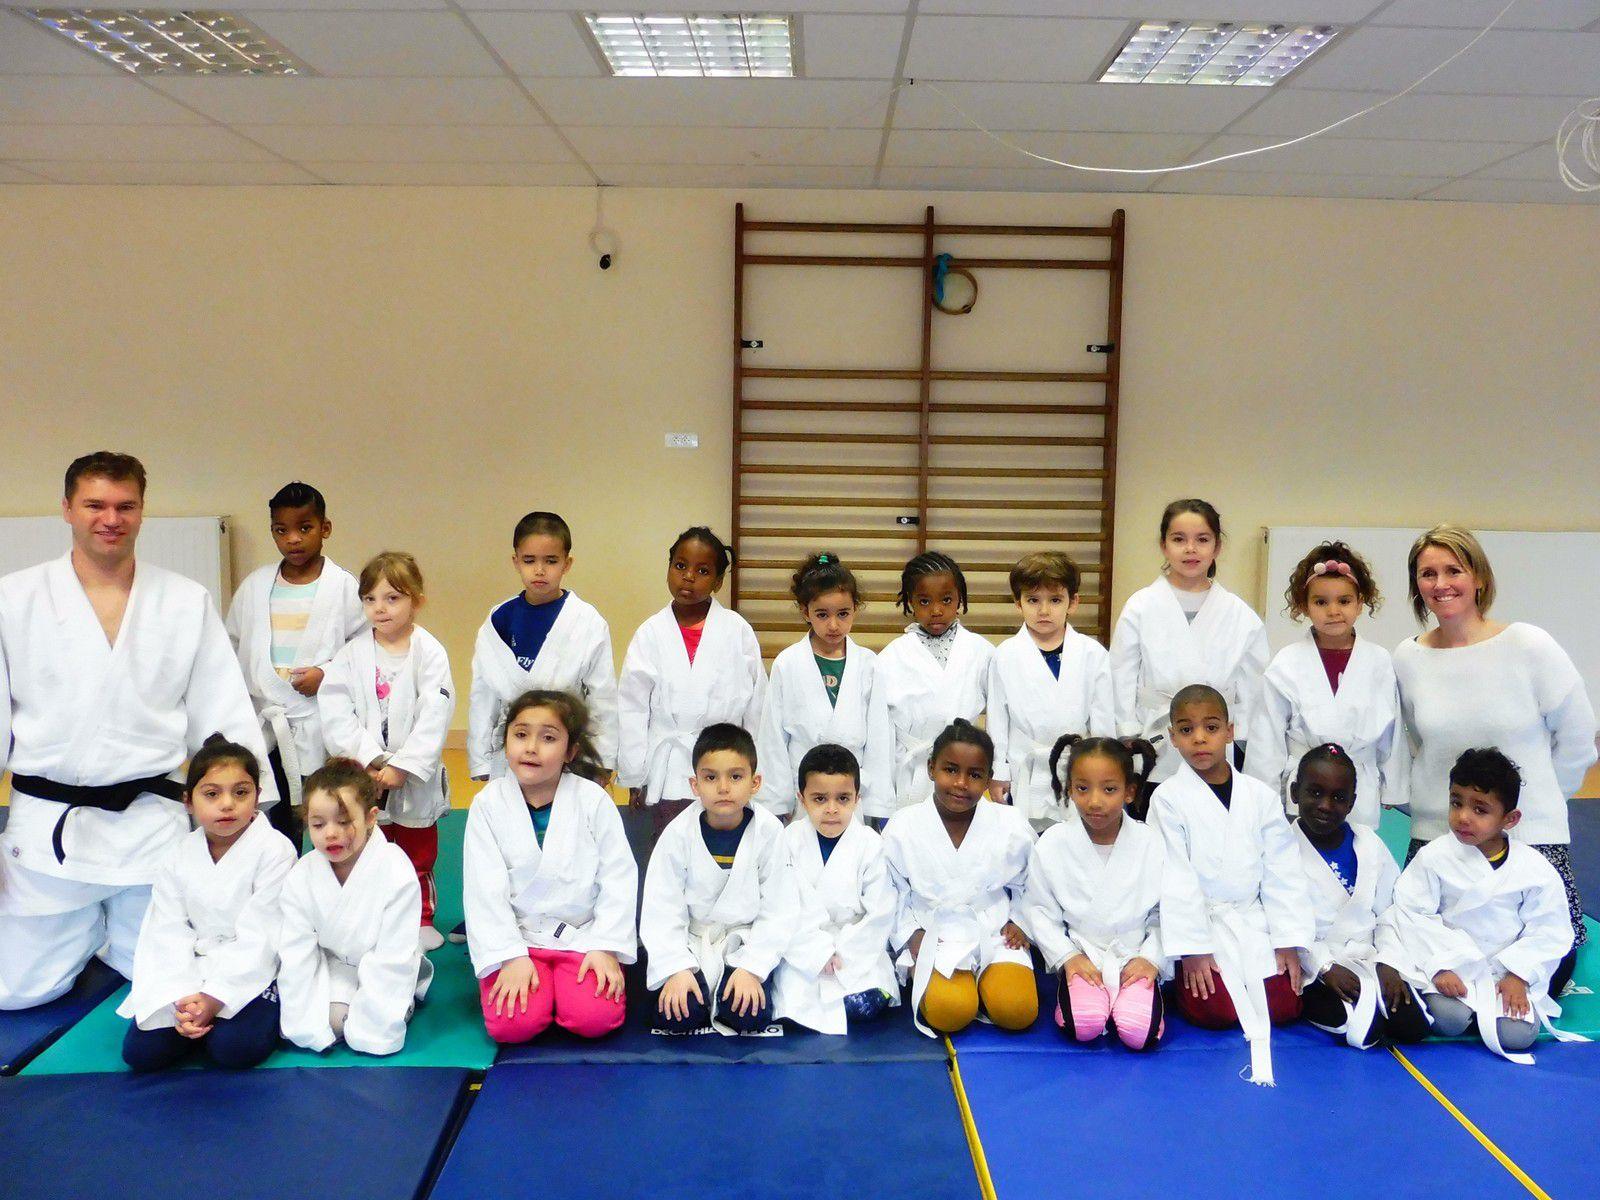 Judo scolaire à l'école Paul Dukas :